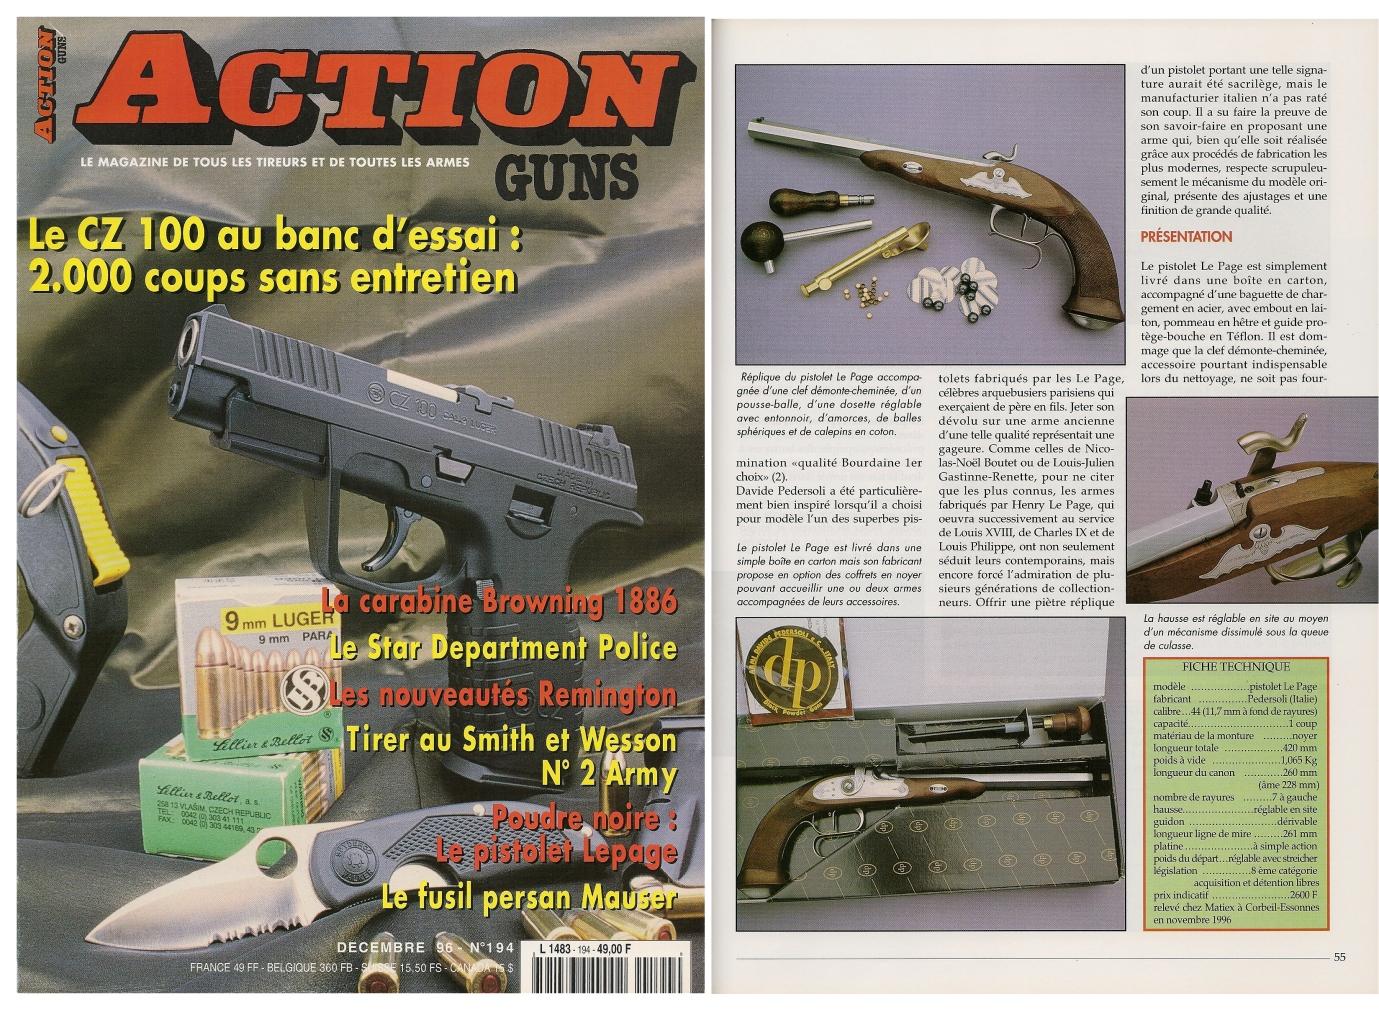 Le banc d'essai du pistolet Le Page à percussion a été publié sur 6 pages dans le magazine Action Guns n°194 (décembre 1996).